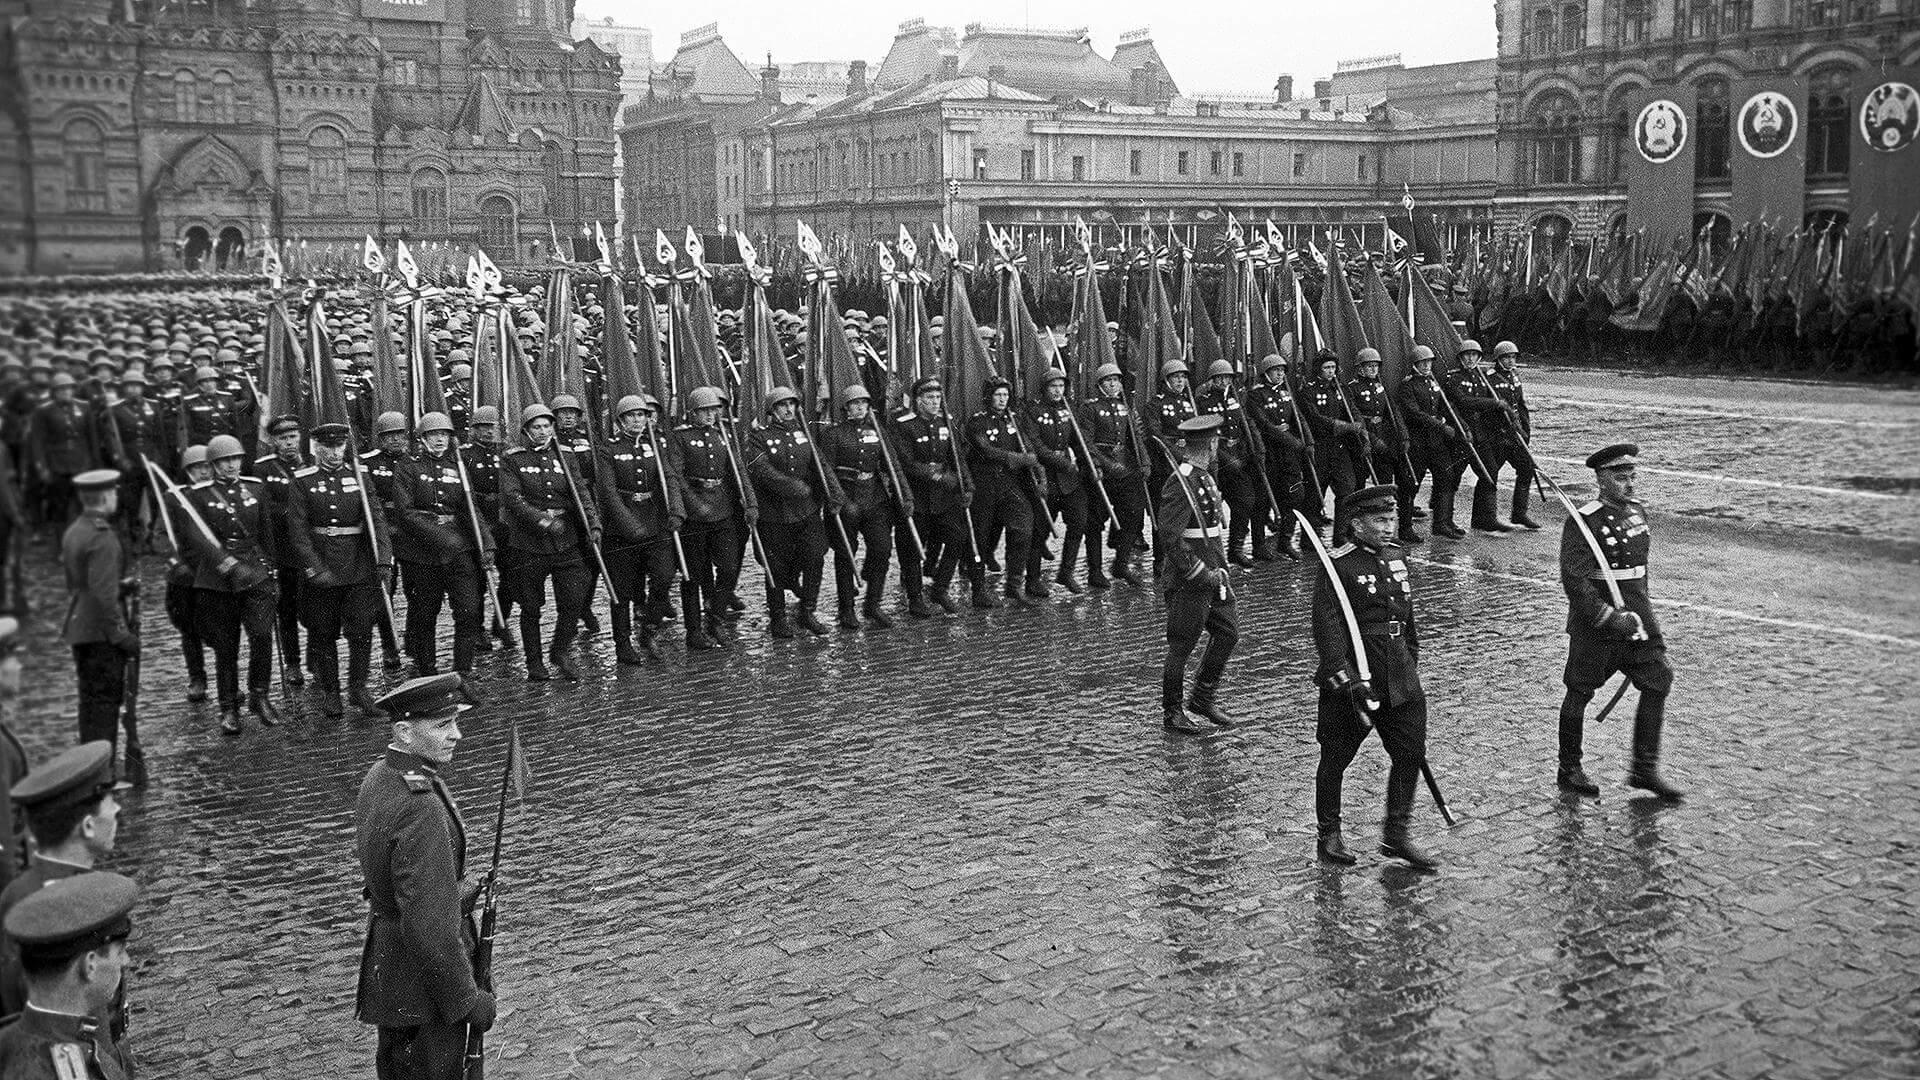 24 июня — Парад Победы в Великой Отечественной войне